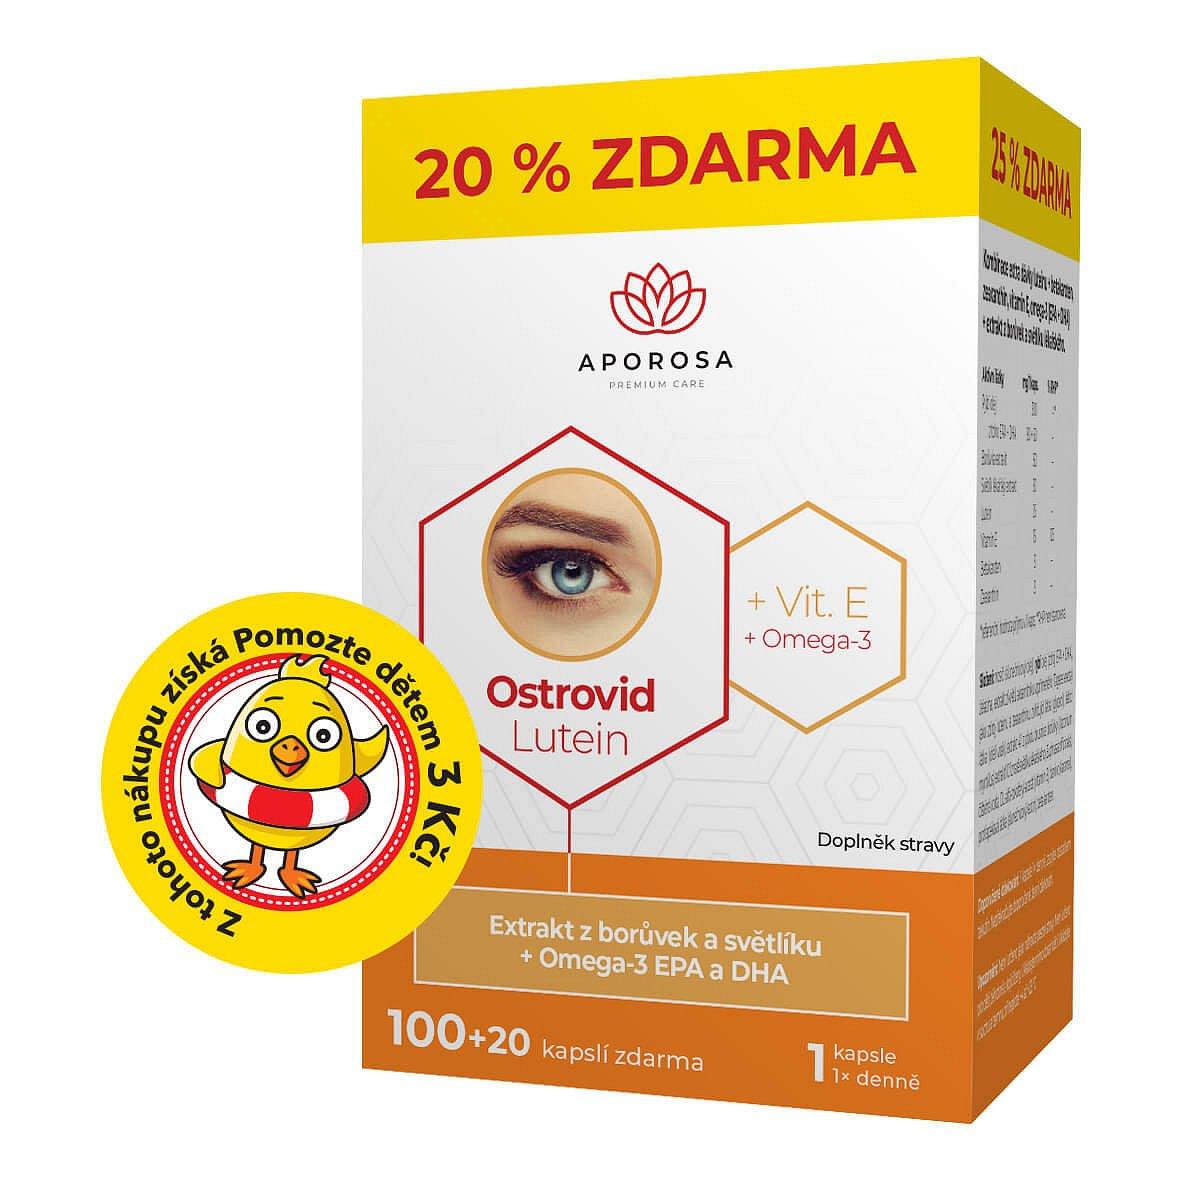 APOROSA premium Ostrovid Lutein 120 kapslí